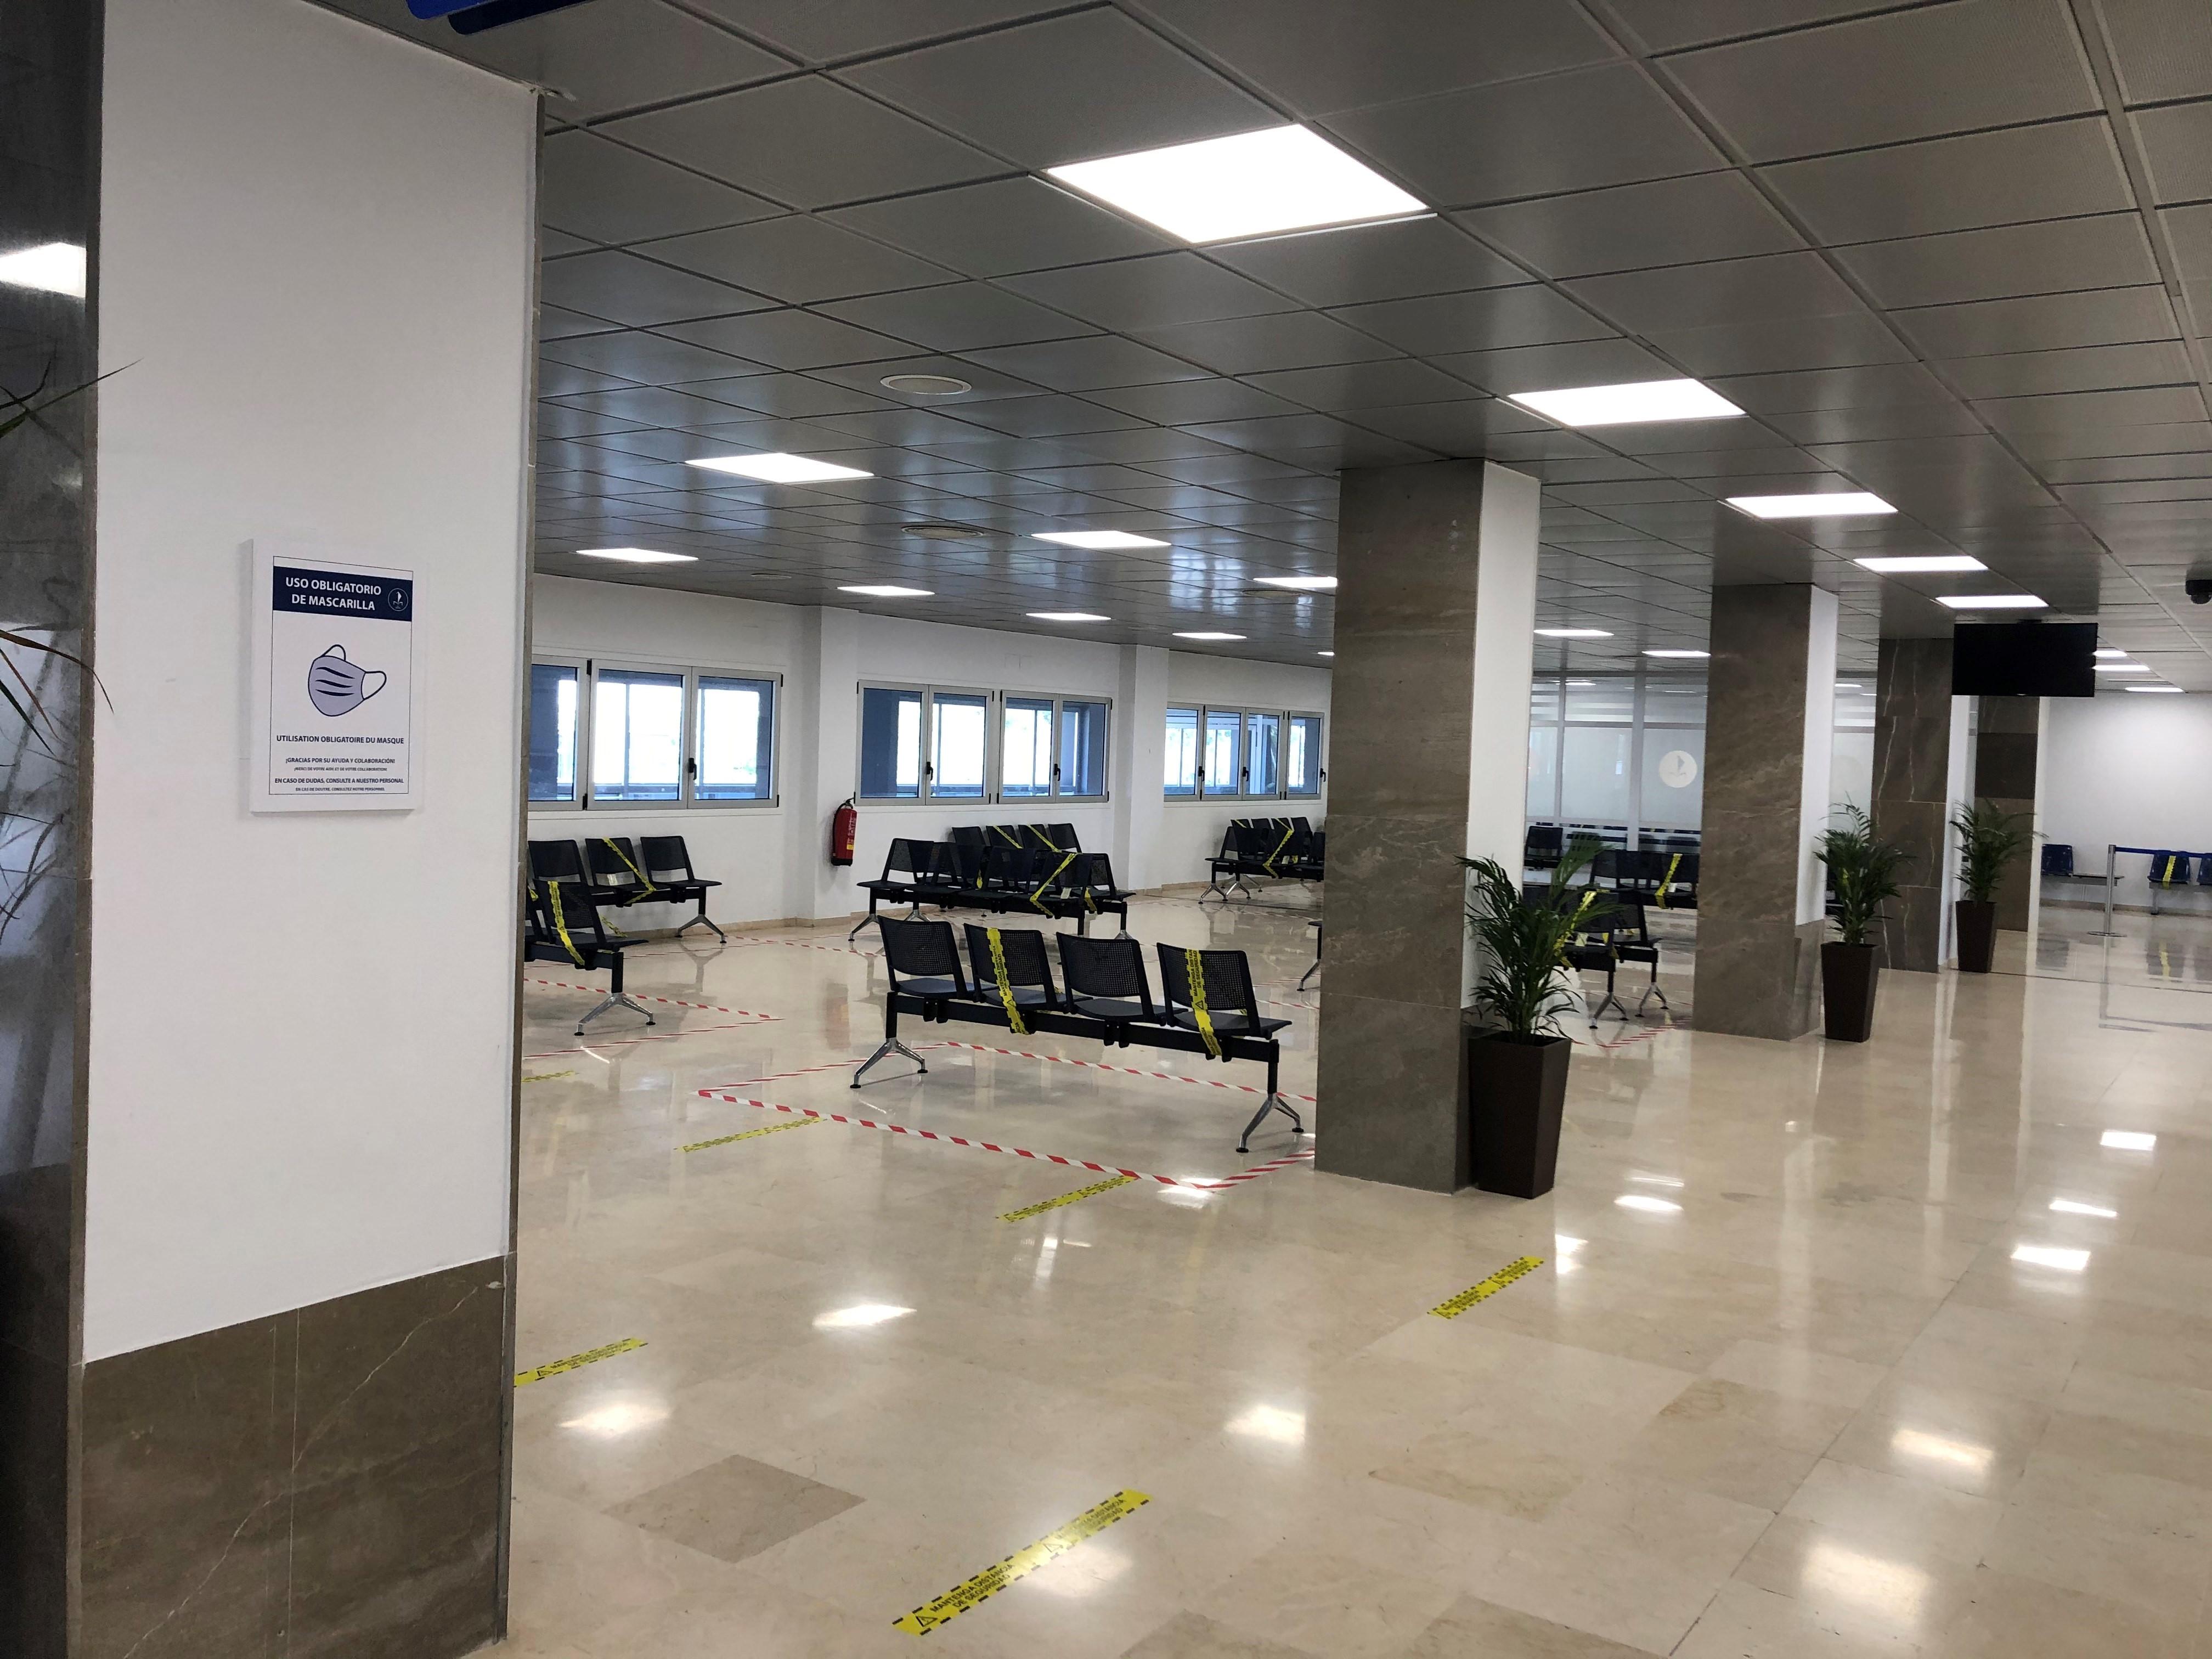 Eurogate Group Terminals, concesionaria de la Estación Marítima de Málaga, certifica con Bureau Veritas sus medidas anti-COVID-19